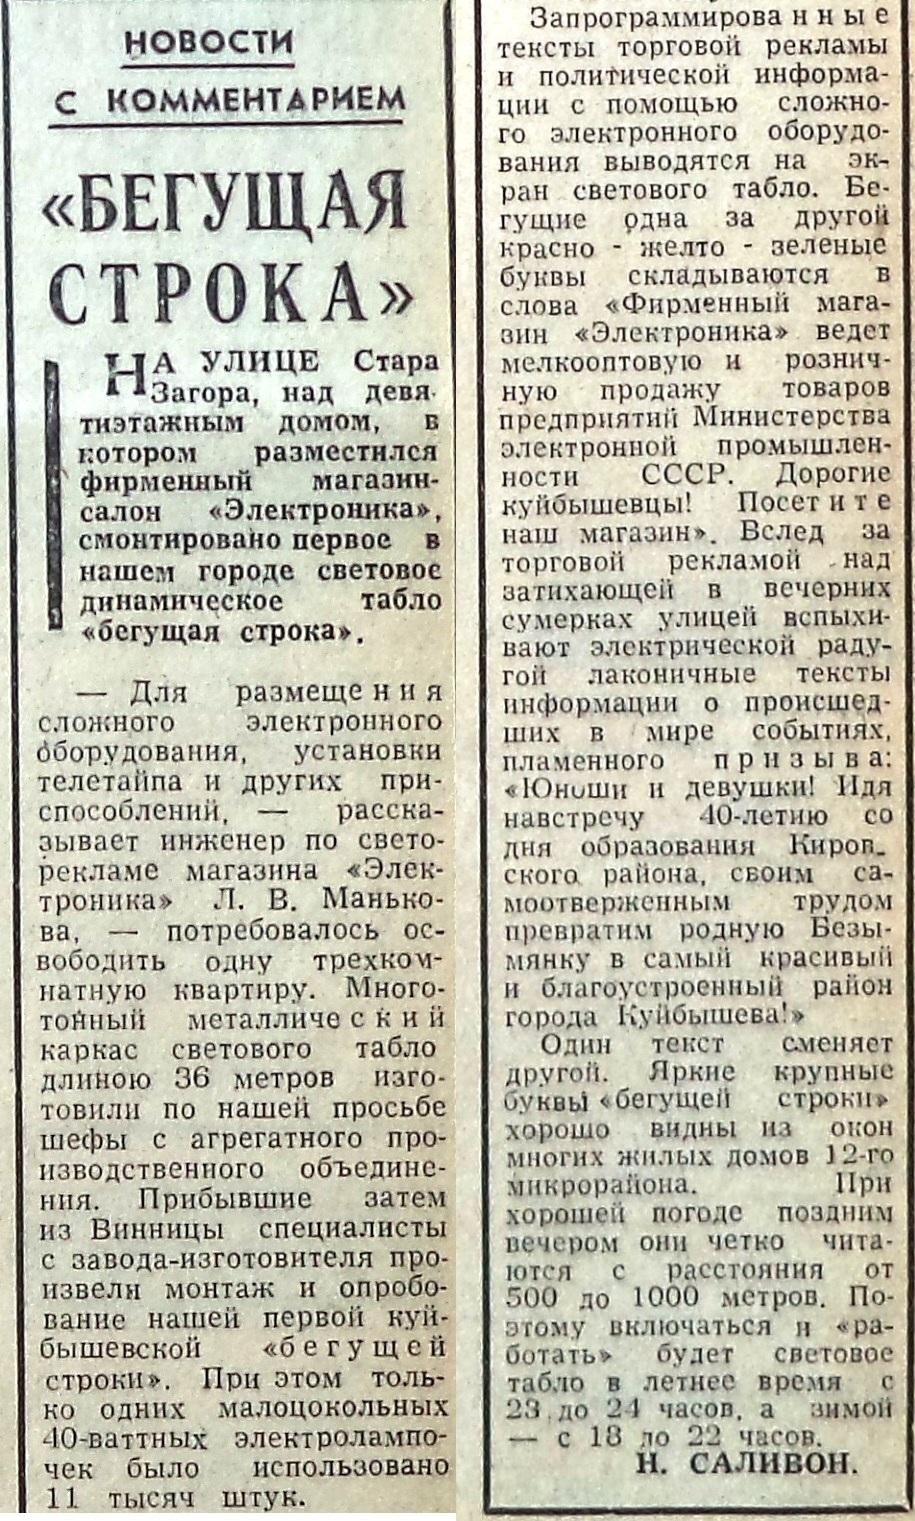 Стара Загора-ФОТО-099-ВЗя-1981-07-13-про табло на Электронике